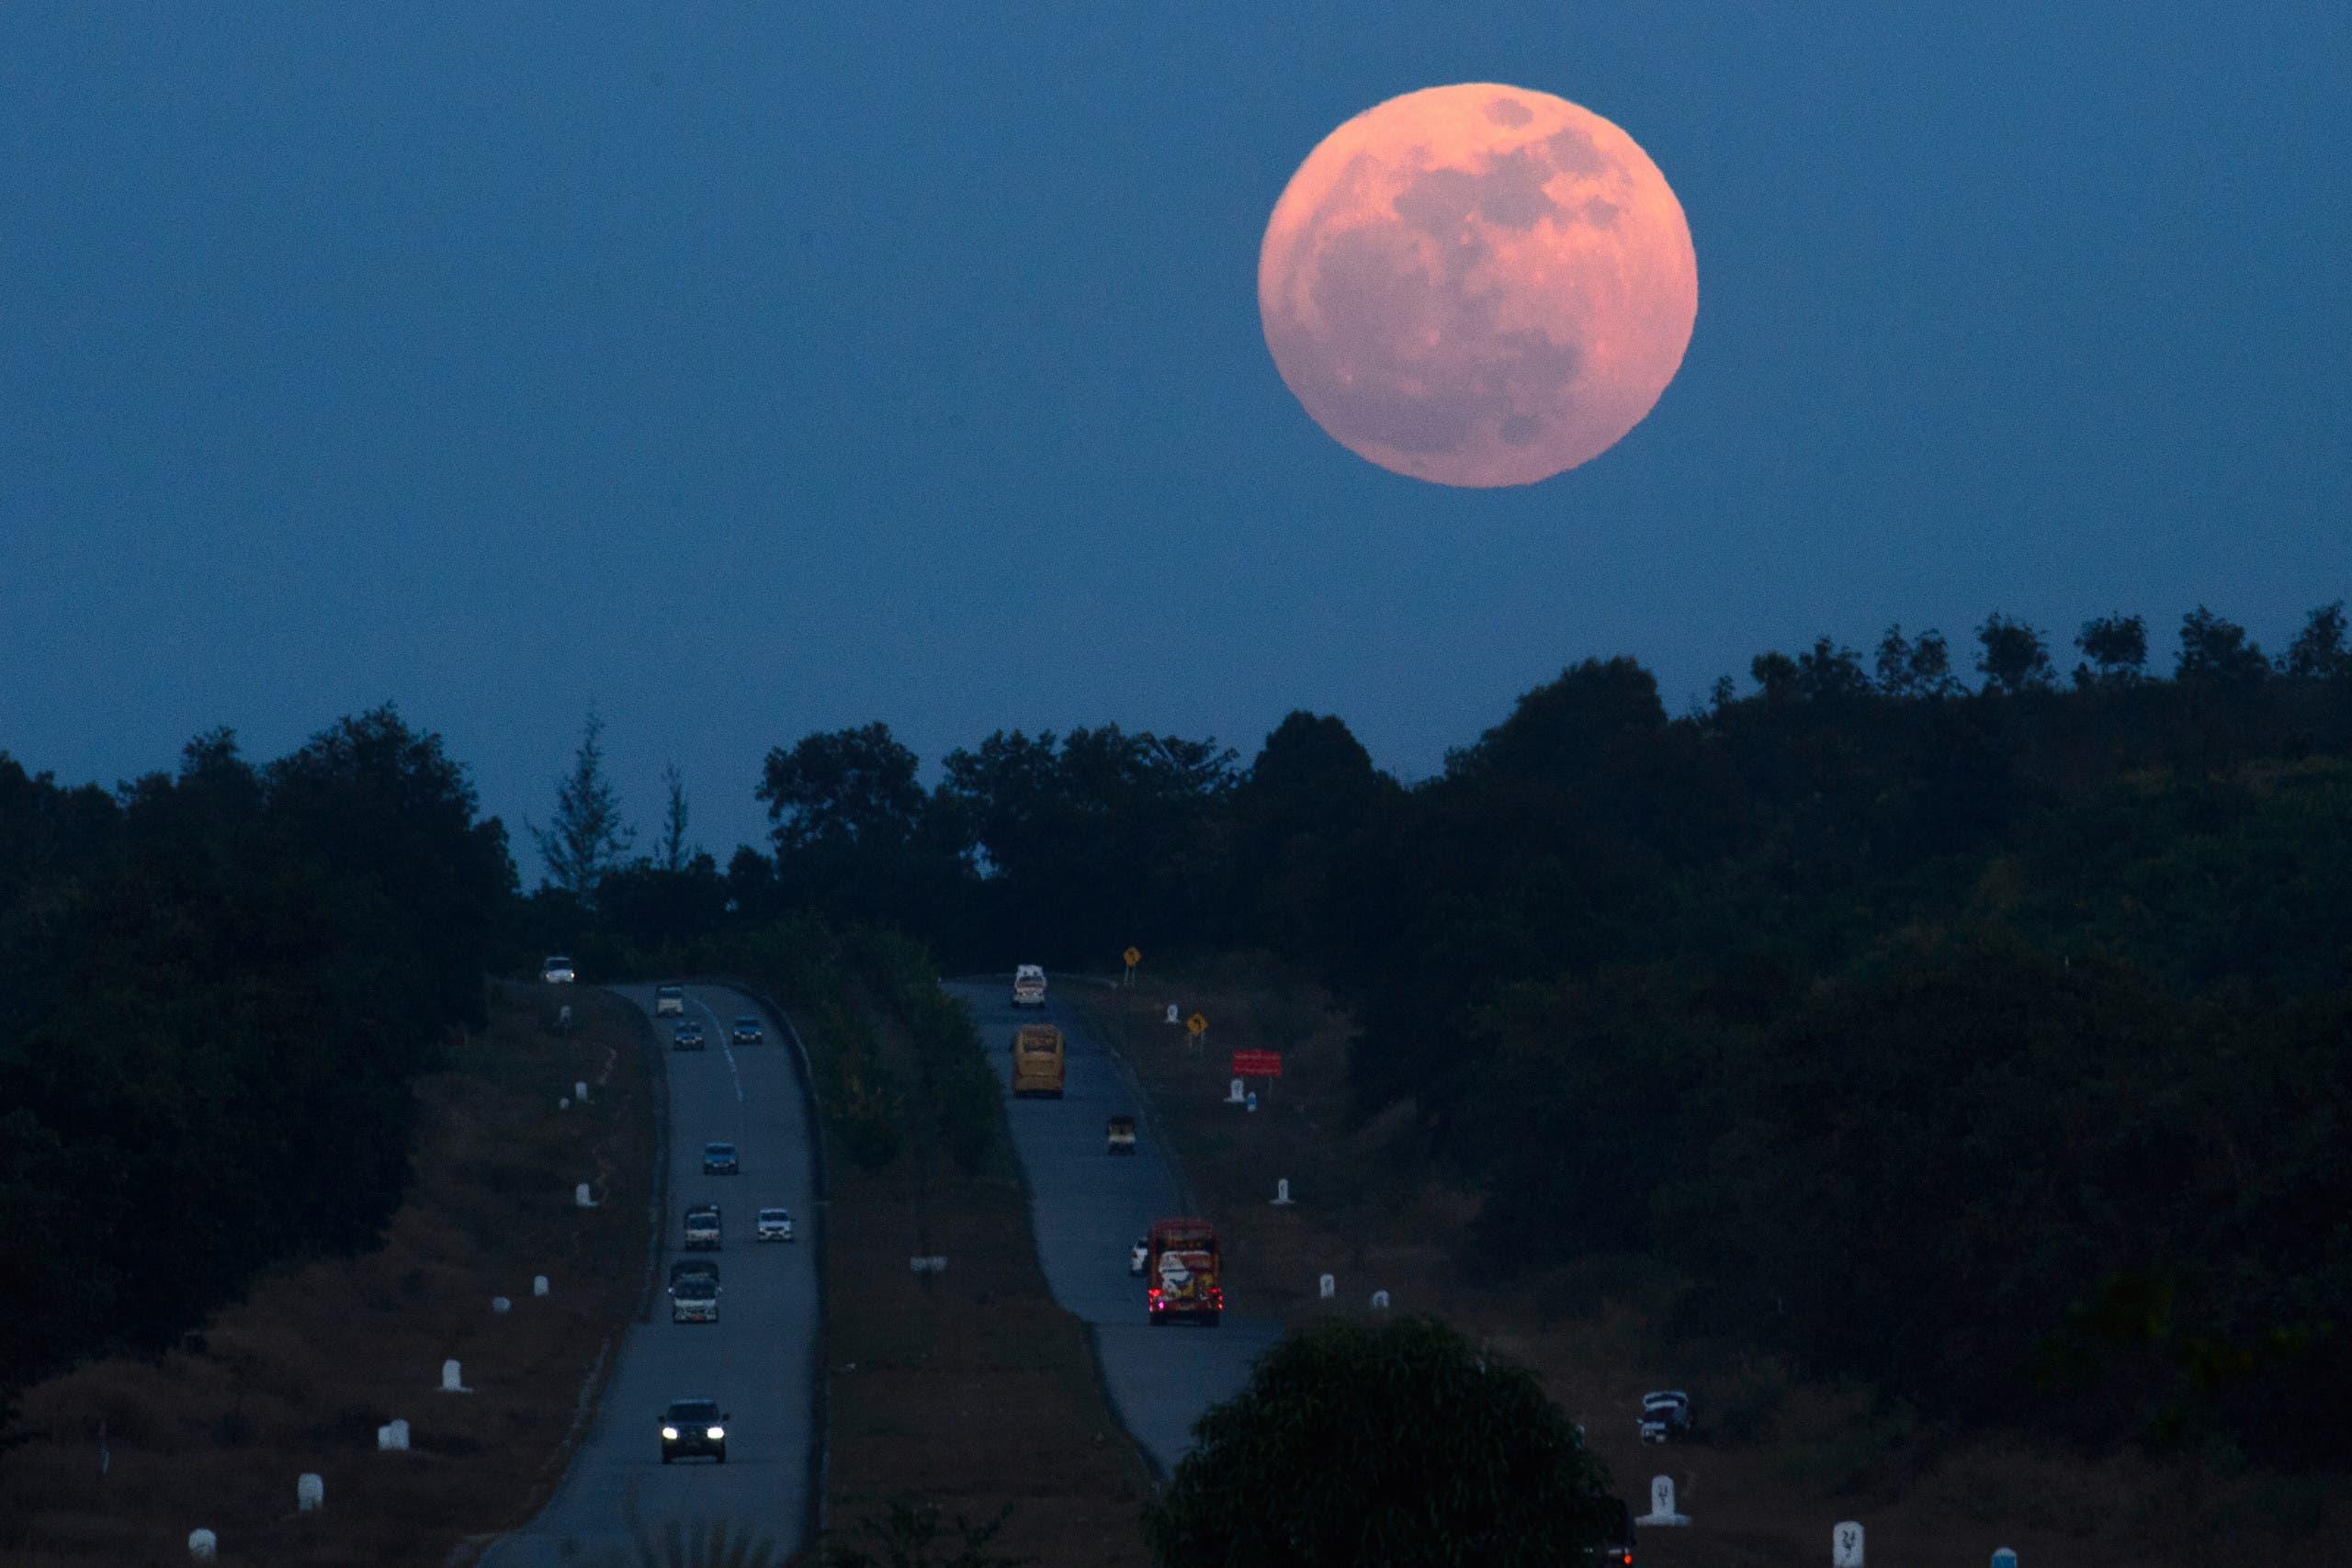 القمر العملاق في سماء بورما